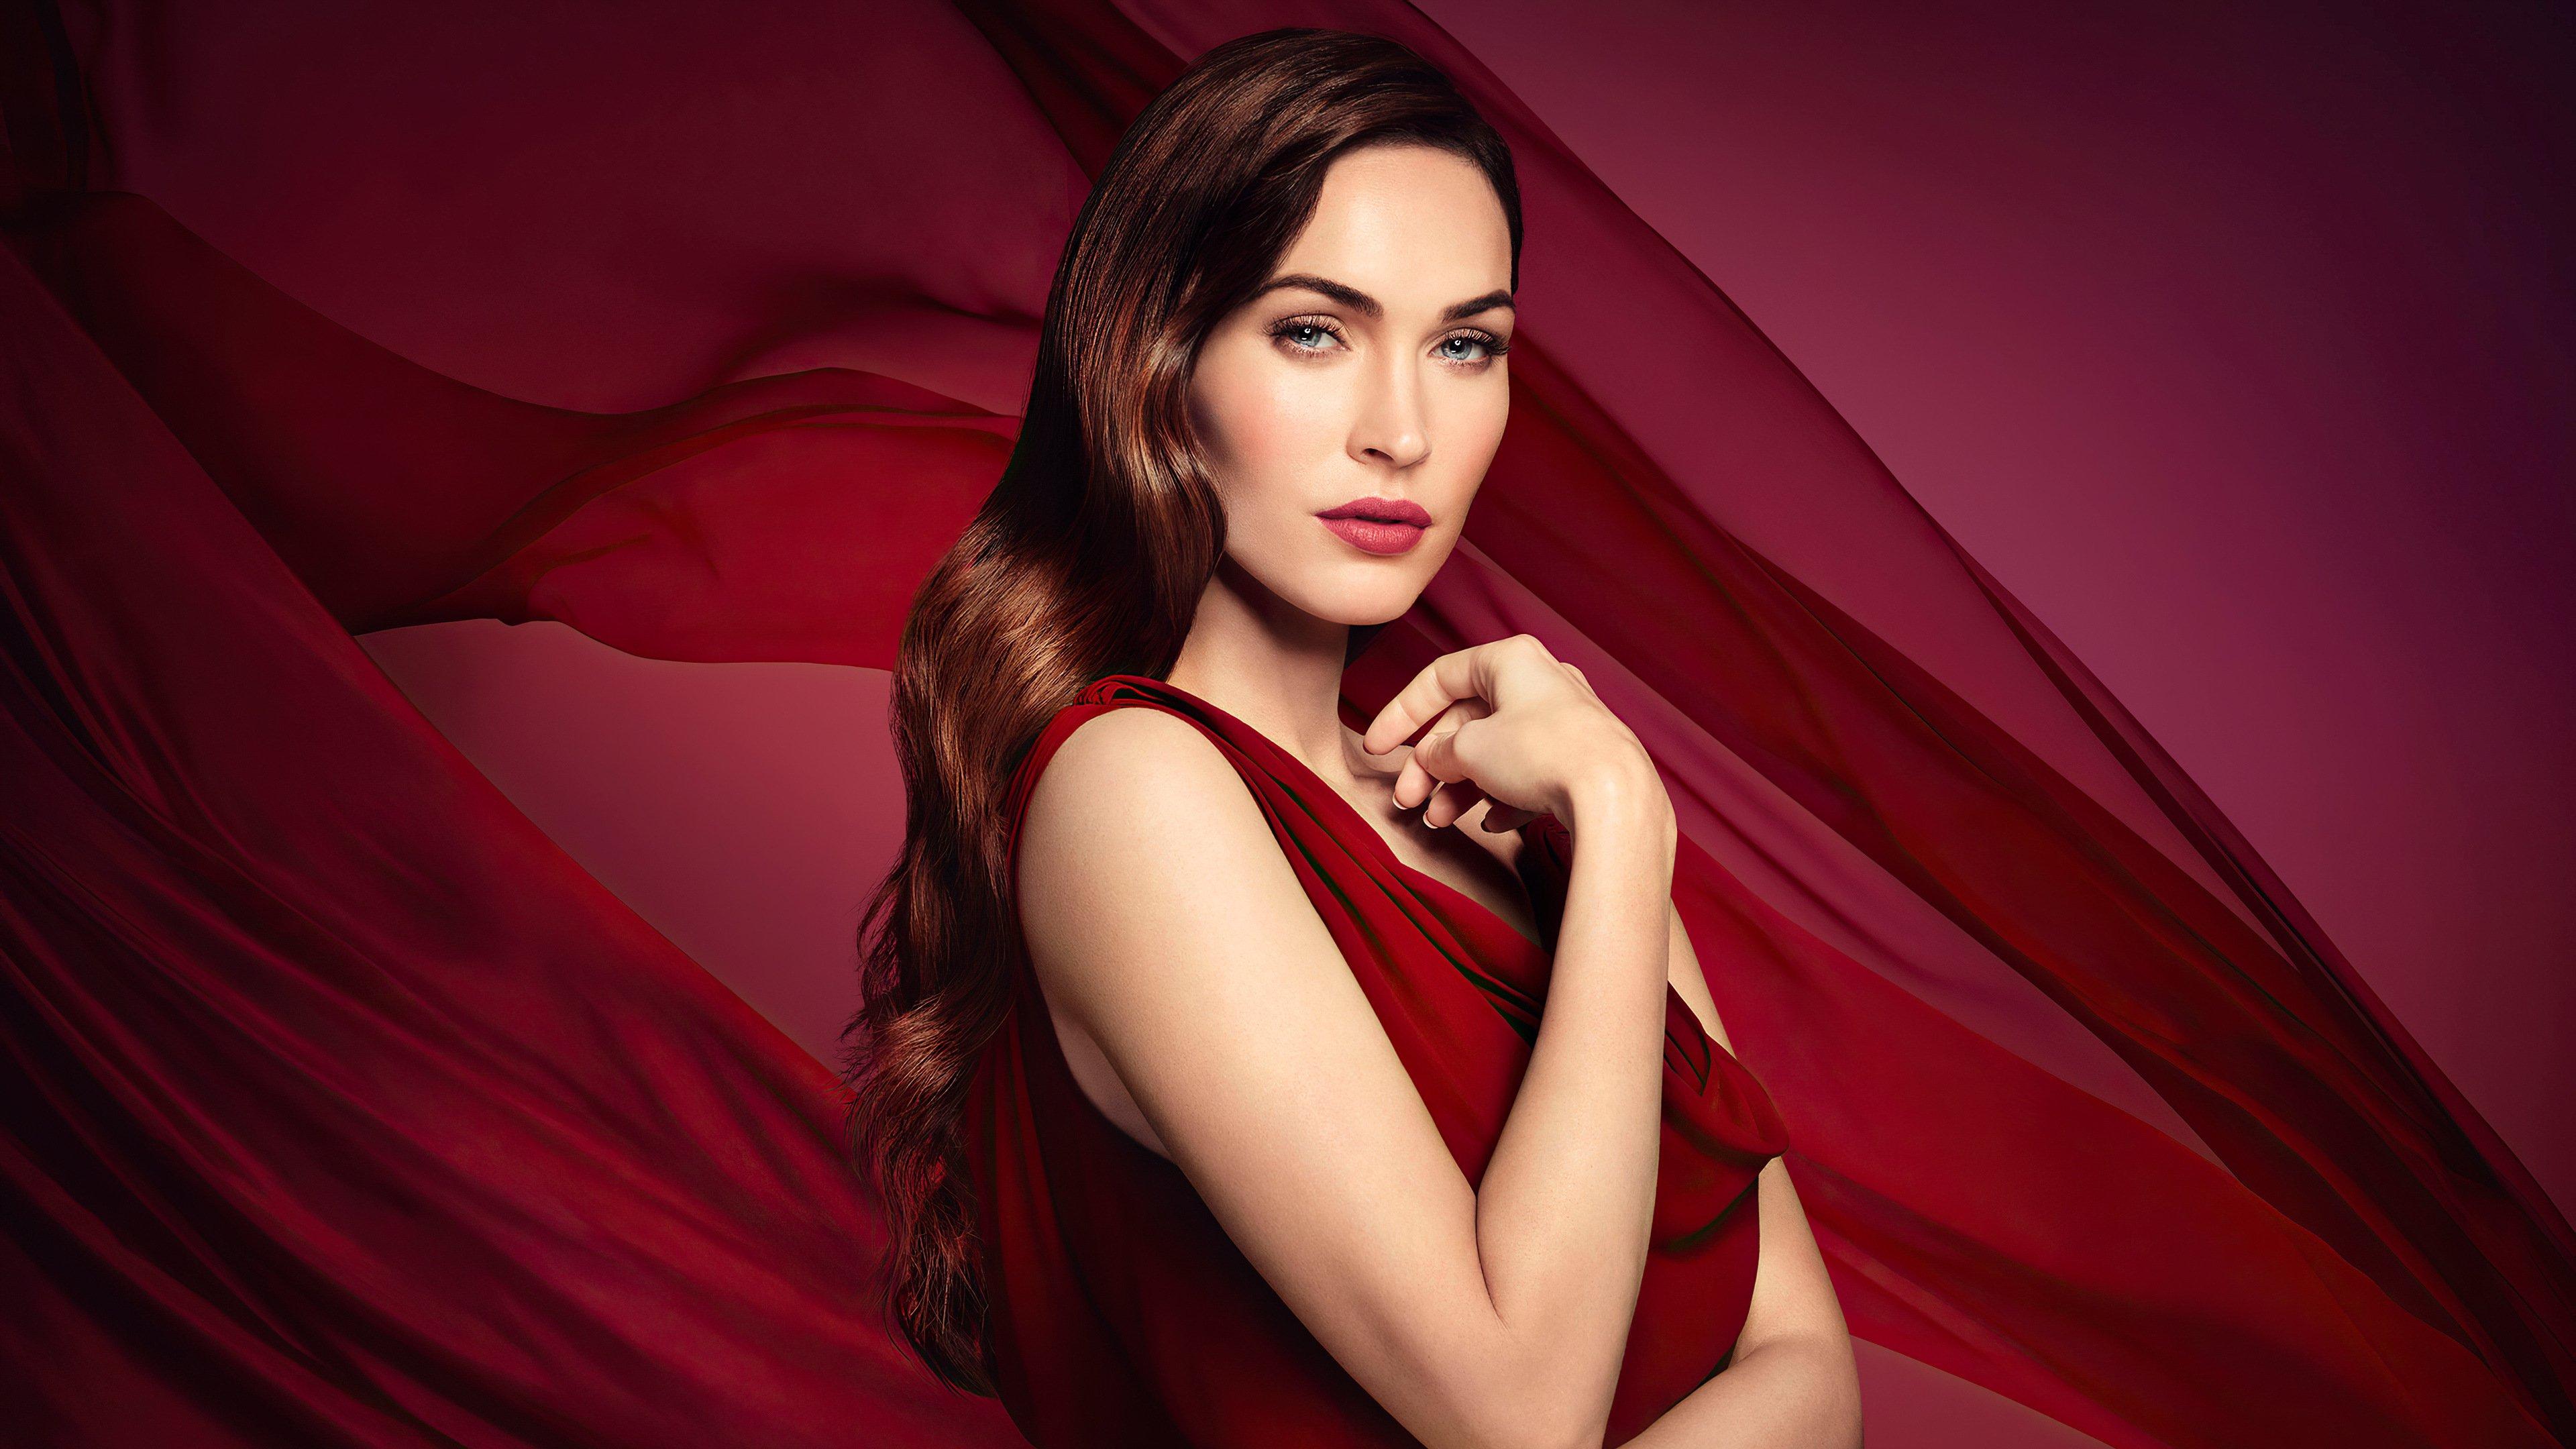 Fondos de pantalla Megan Fox Vestido Rojo